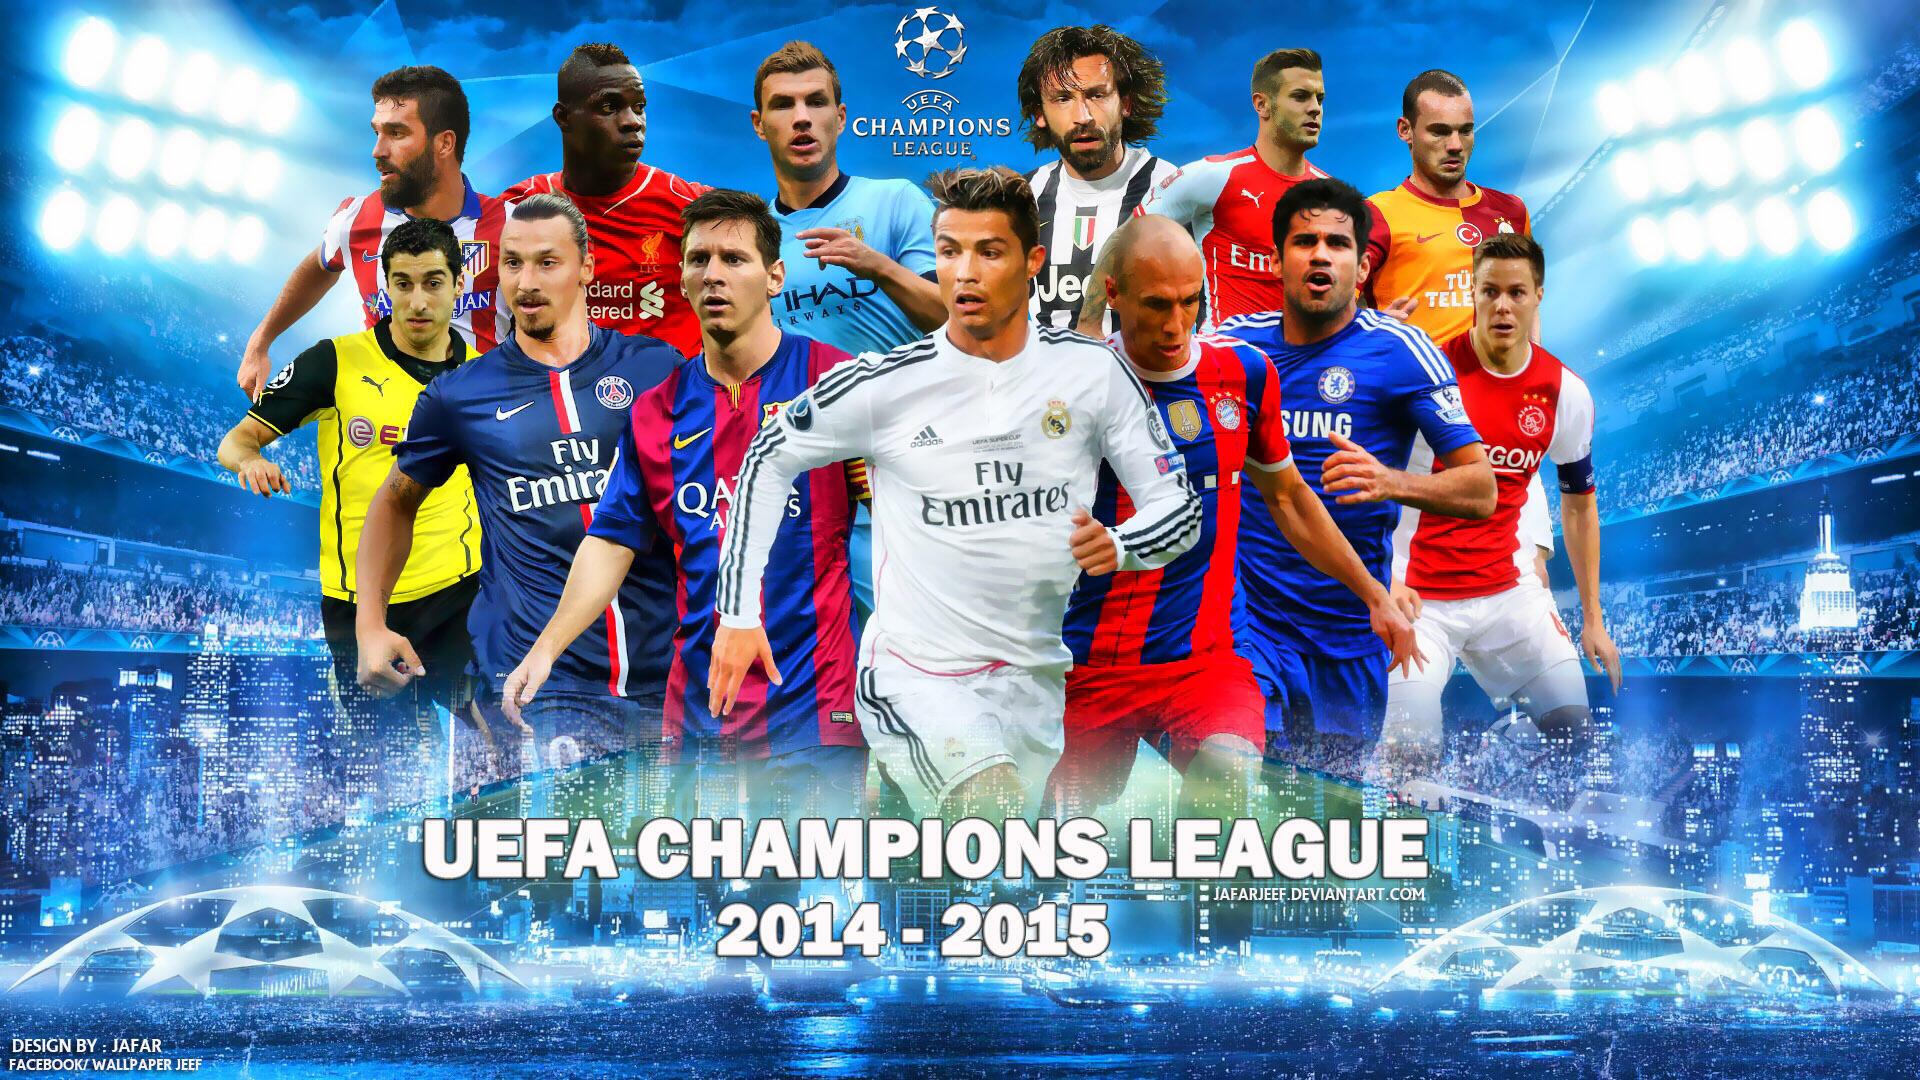 Liga dos Campeões 20124-2015